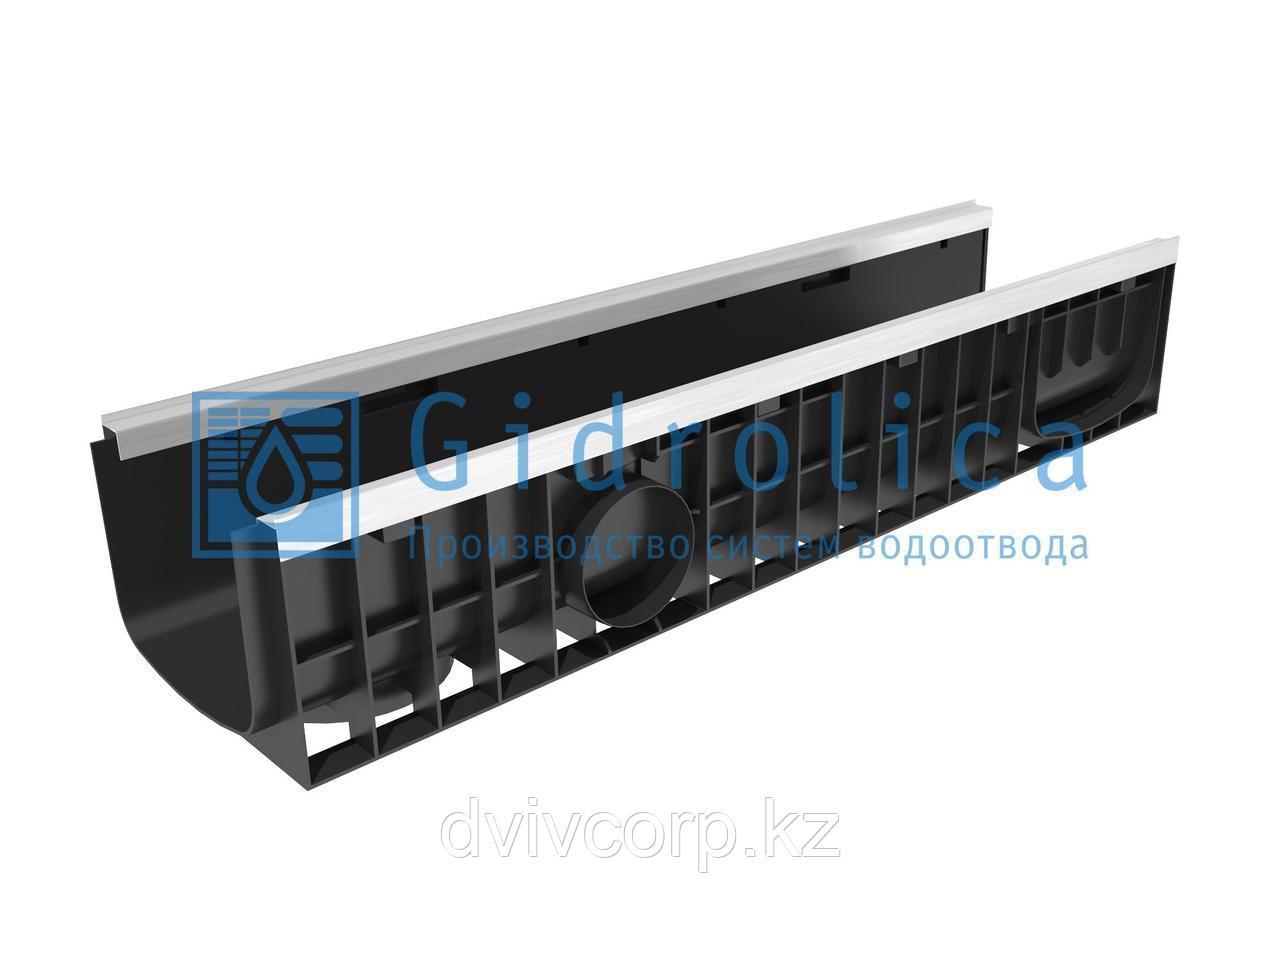 Арт. 8204 Лоток водоотводный Gidrolica Standart Plus ЛВ-20.24,6.18,5 - пластиковый (усиленный)